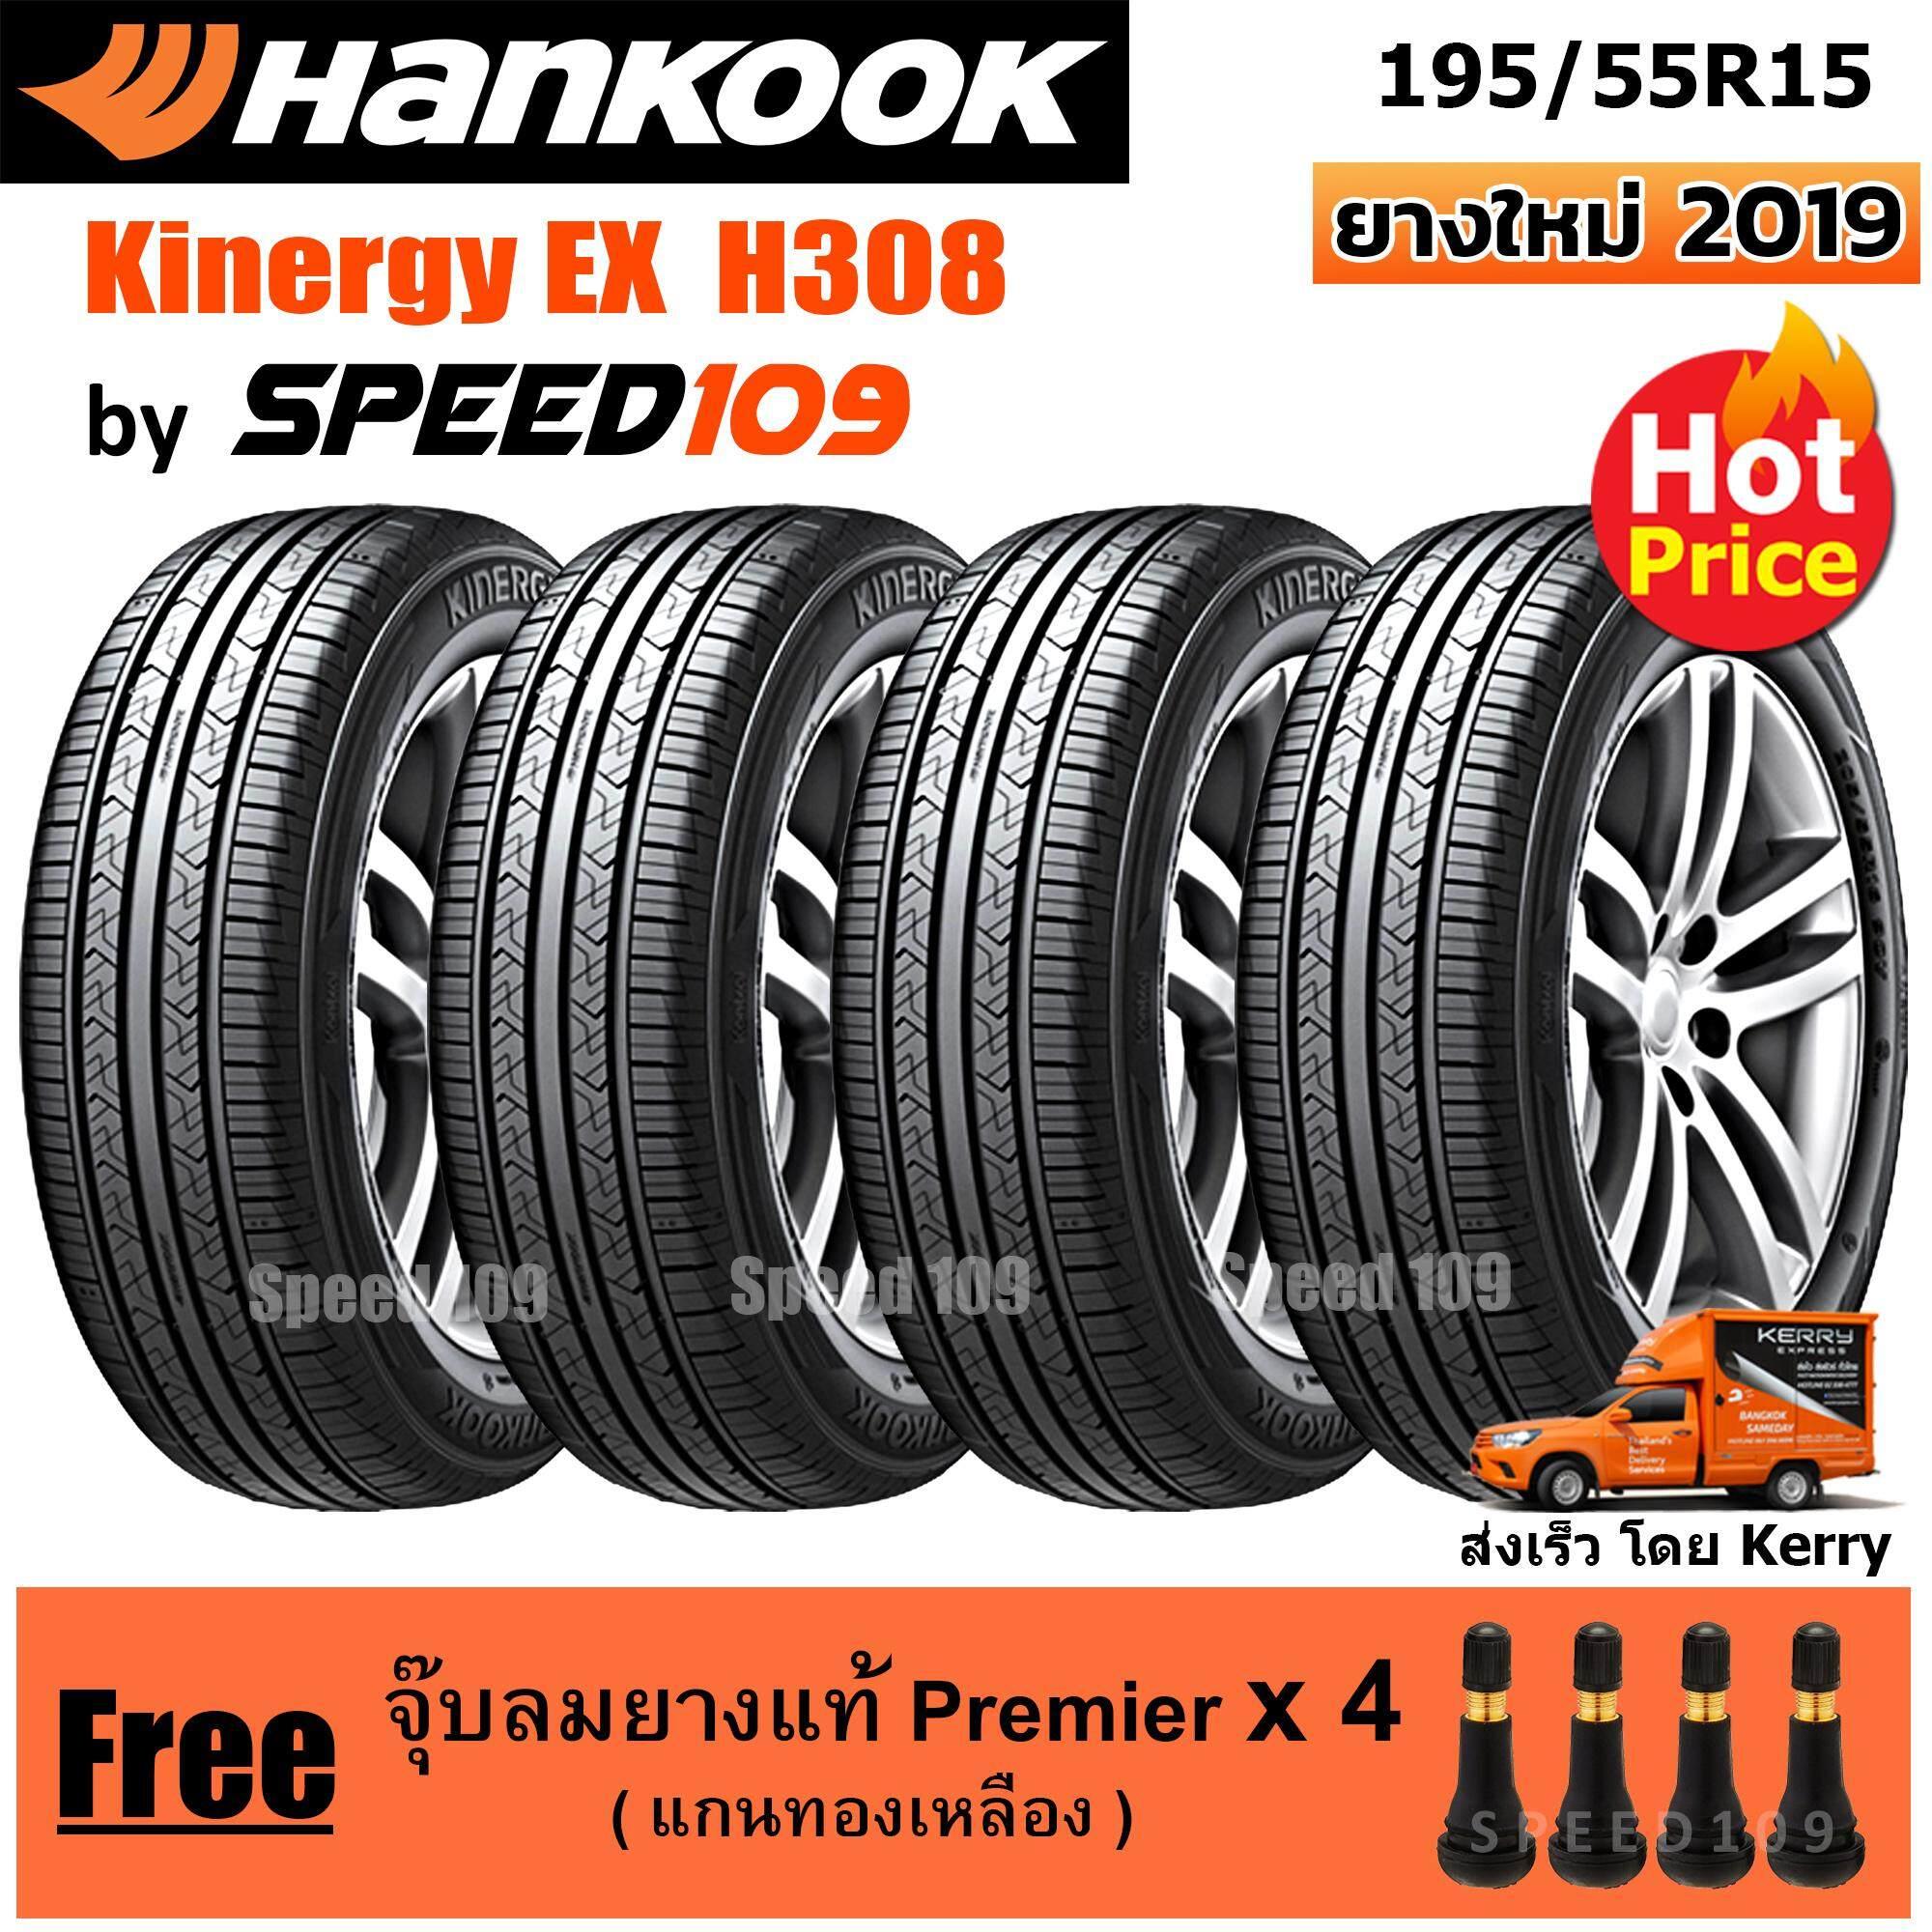 ประกันภัย รถยนต์ 2+ สิงห์บุรี HANKOOK ยางรถยนต์ ขอบ 15 ขนาด 195/55R15 รุ่น Kinergy EX H308 - 4 เส้น (ปี 2019)